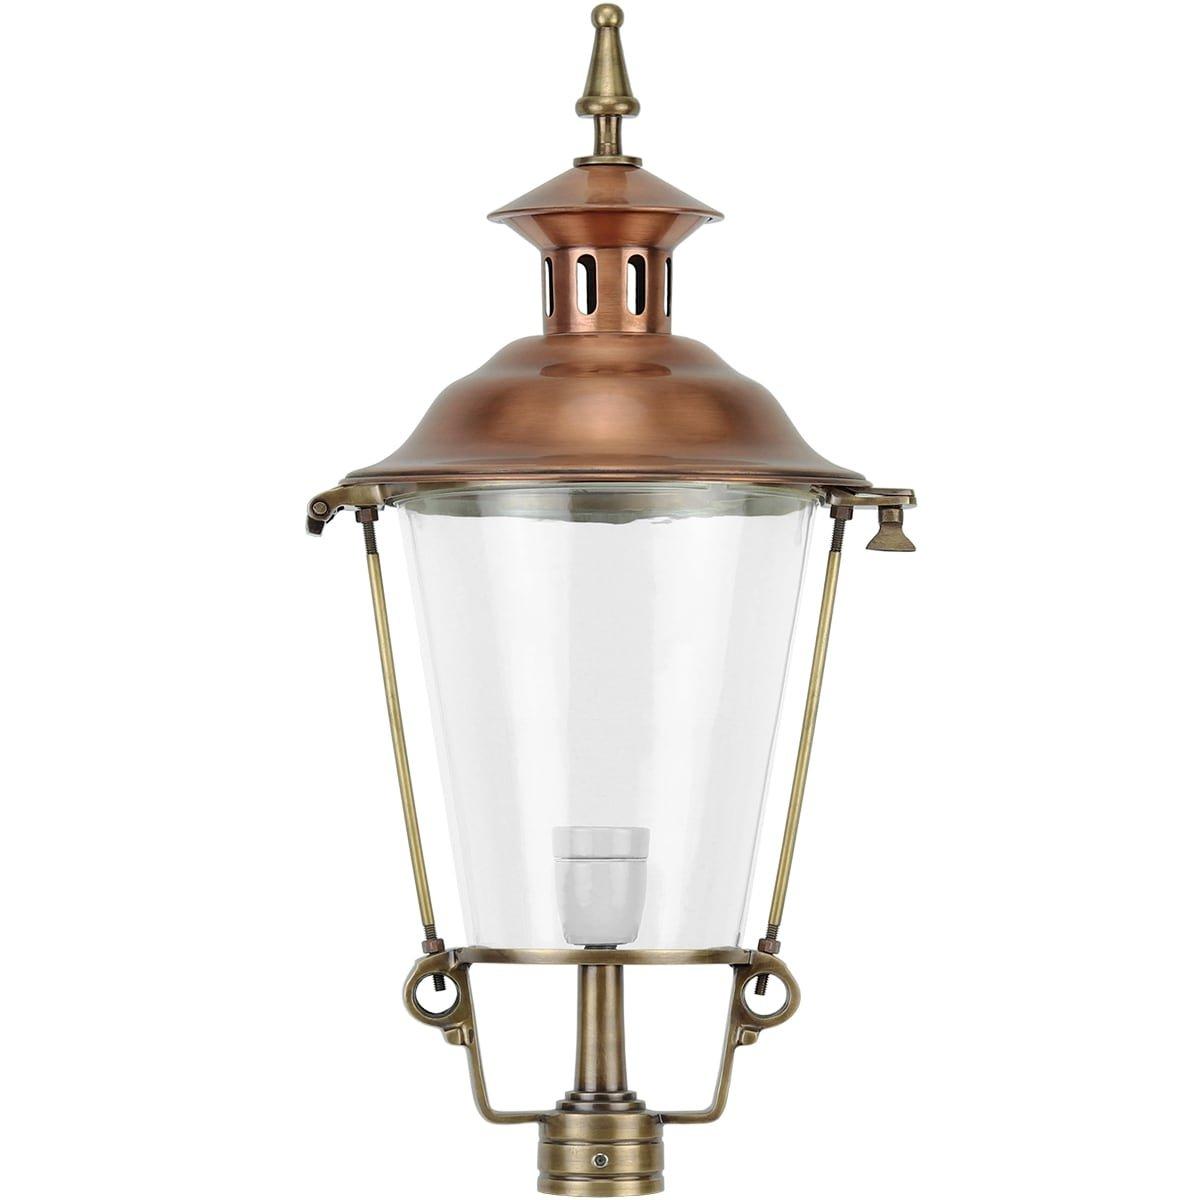 Buitenverlichting Klassiek Landelijk Losse lantaarn Brons K26 - 80 cm